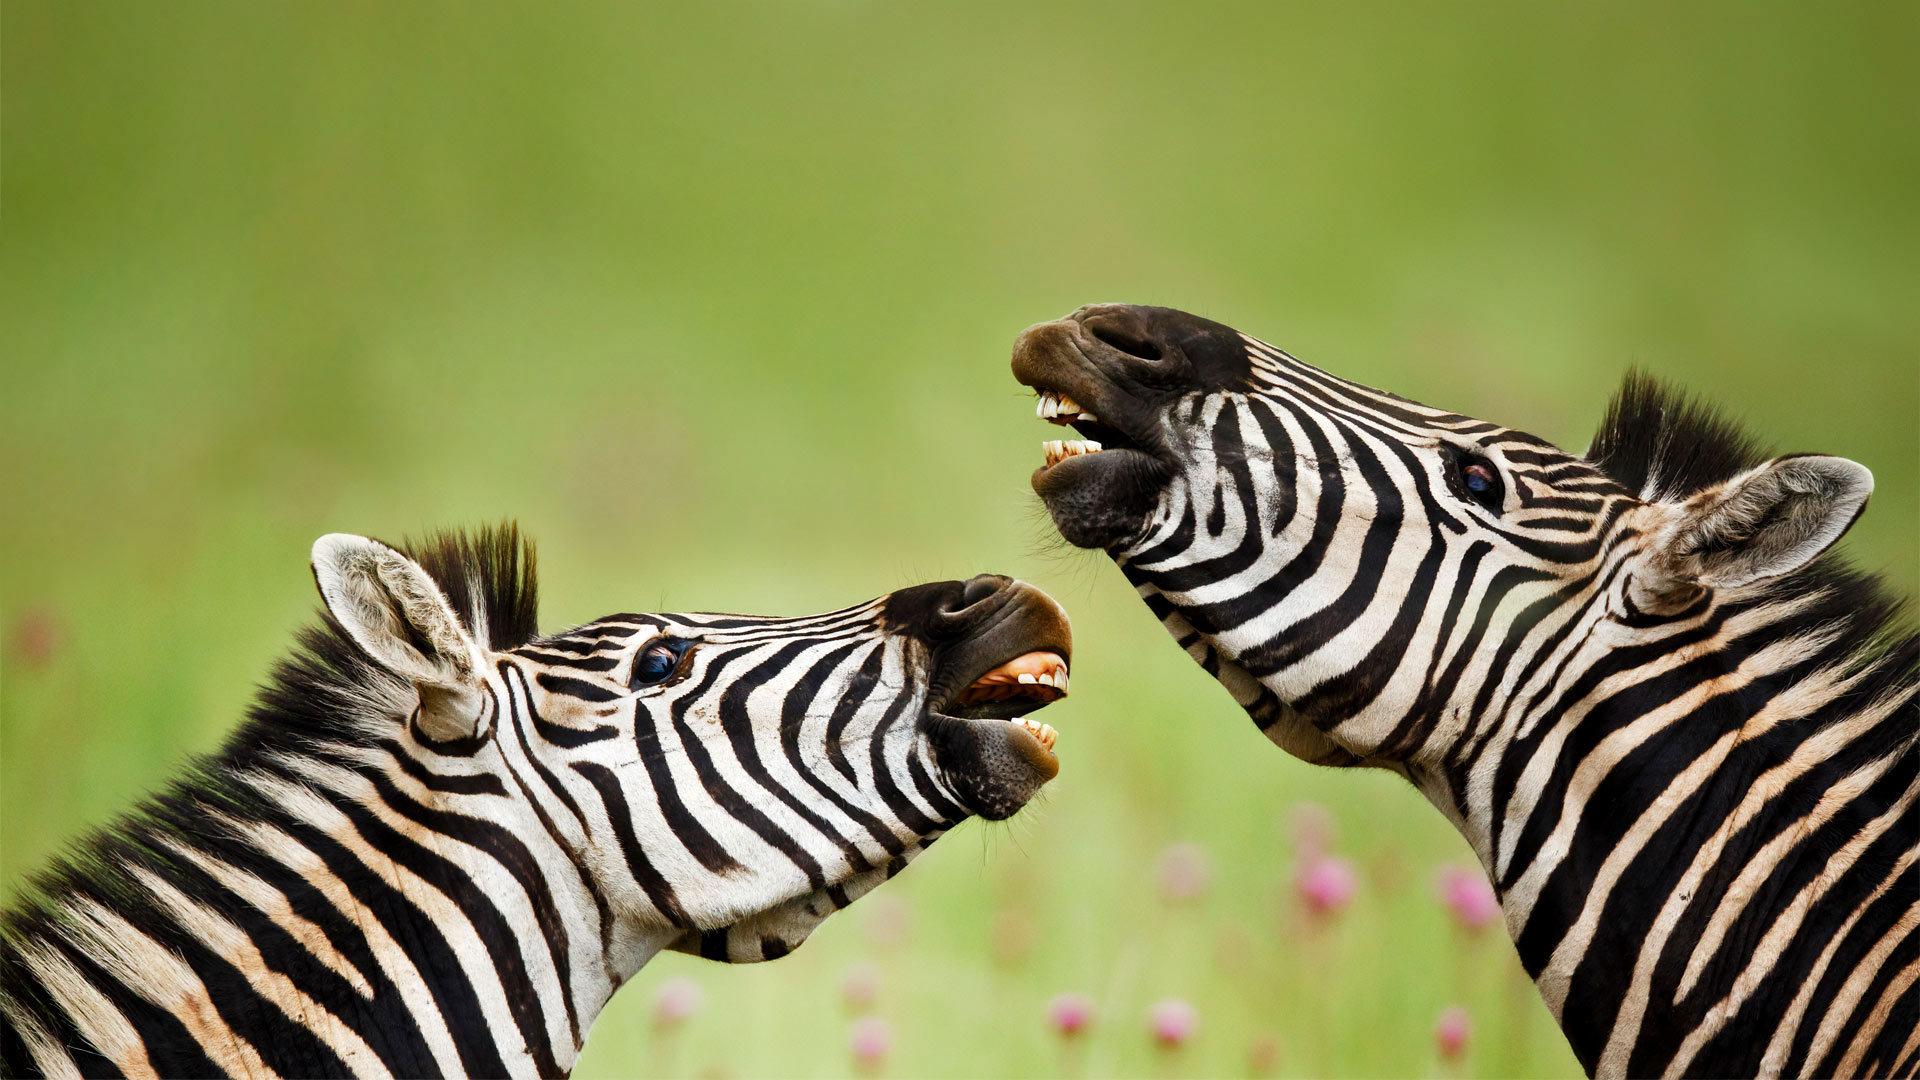 Rietvlei自然保护区内的雄性布氏斑马布氏斑马